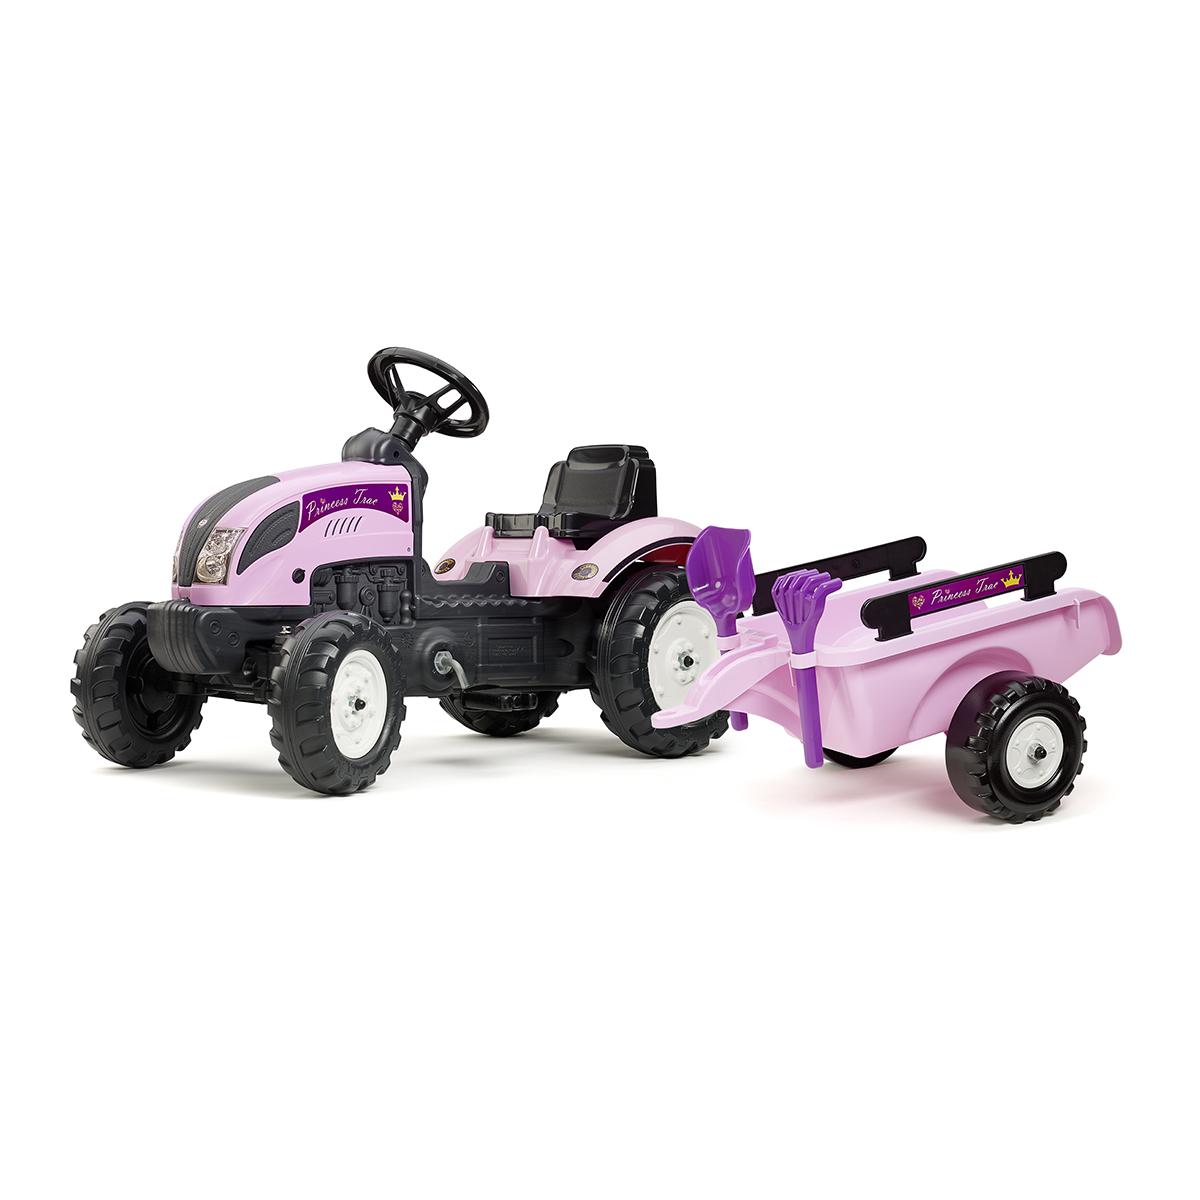 Tracteur à pédales Falk Princess Trac avec remorque - pelle et râteau inclus - Rose